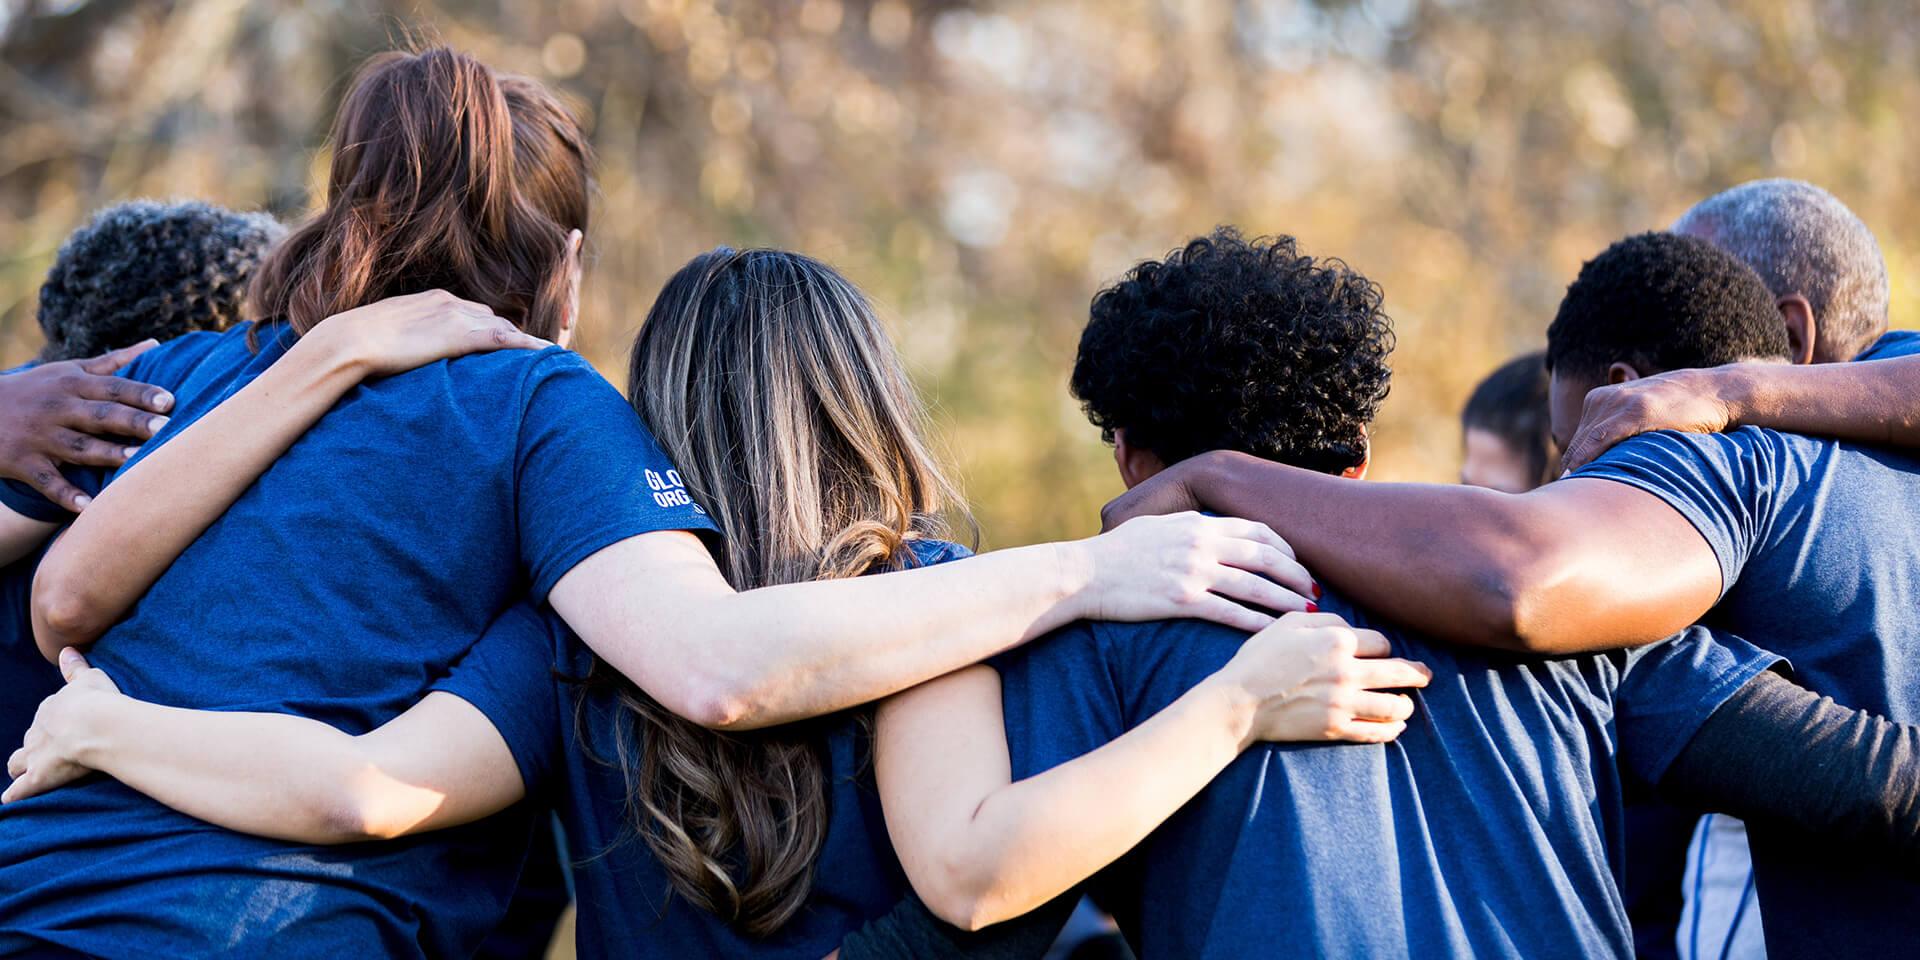 Eine Gruppe von Menschen legt die Arme umeinander